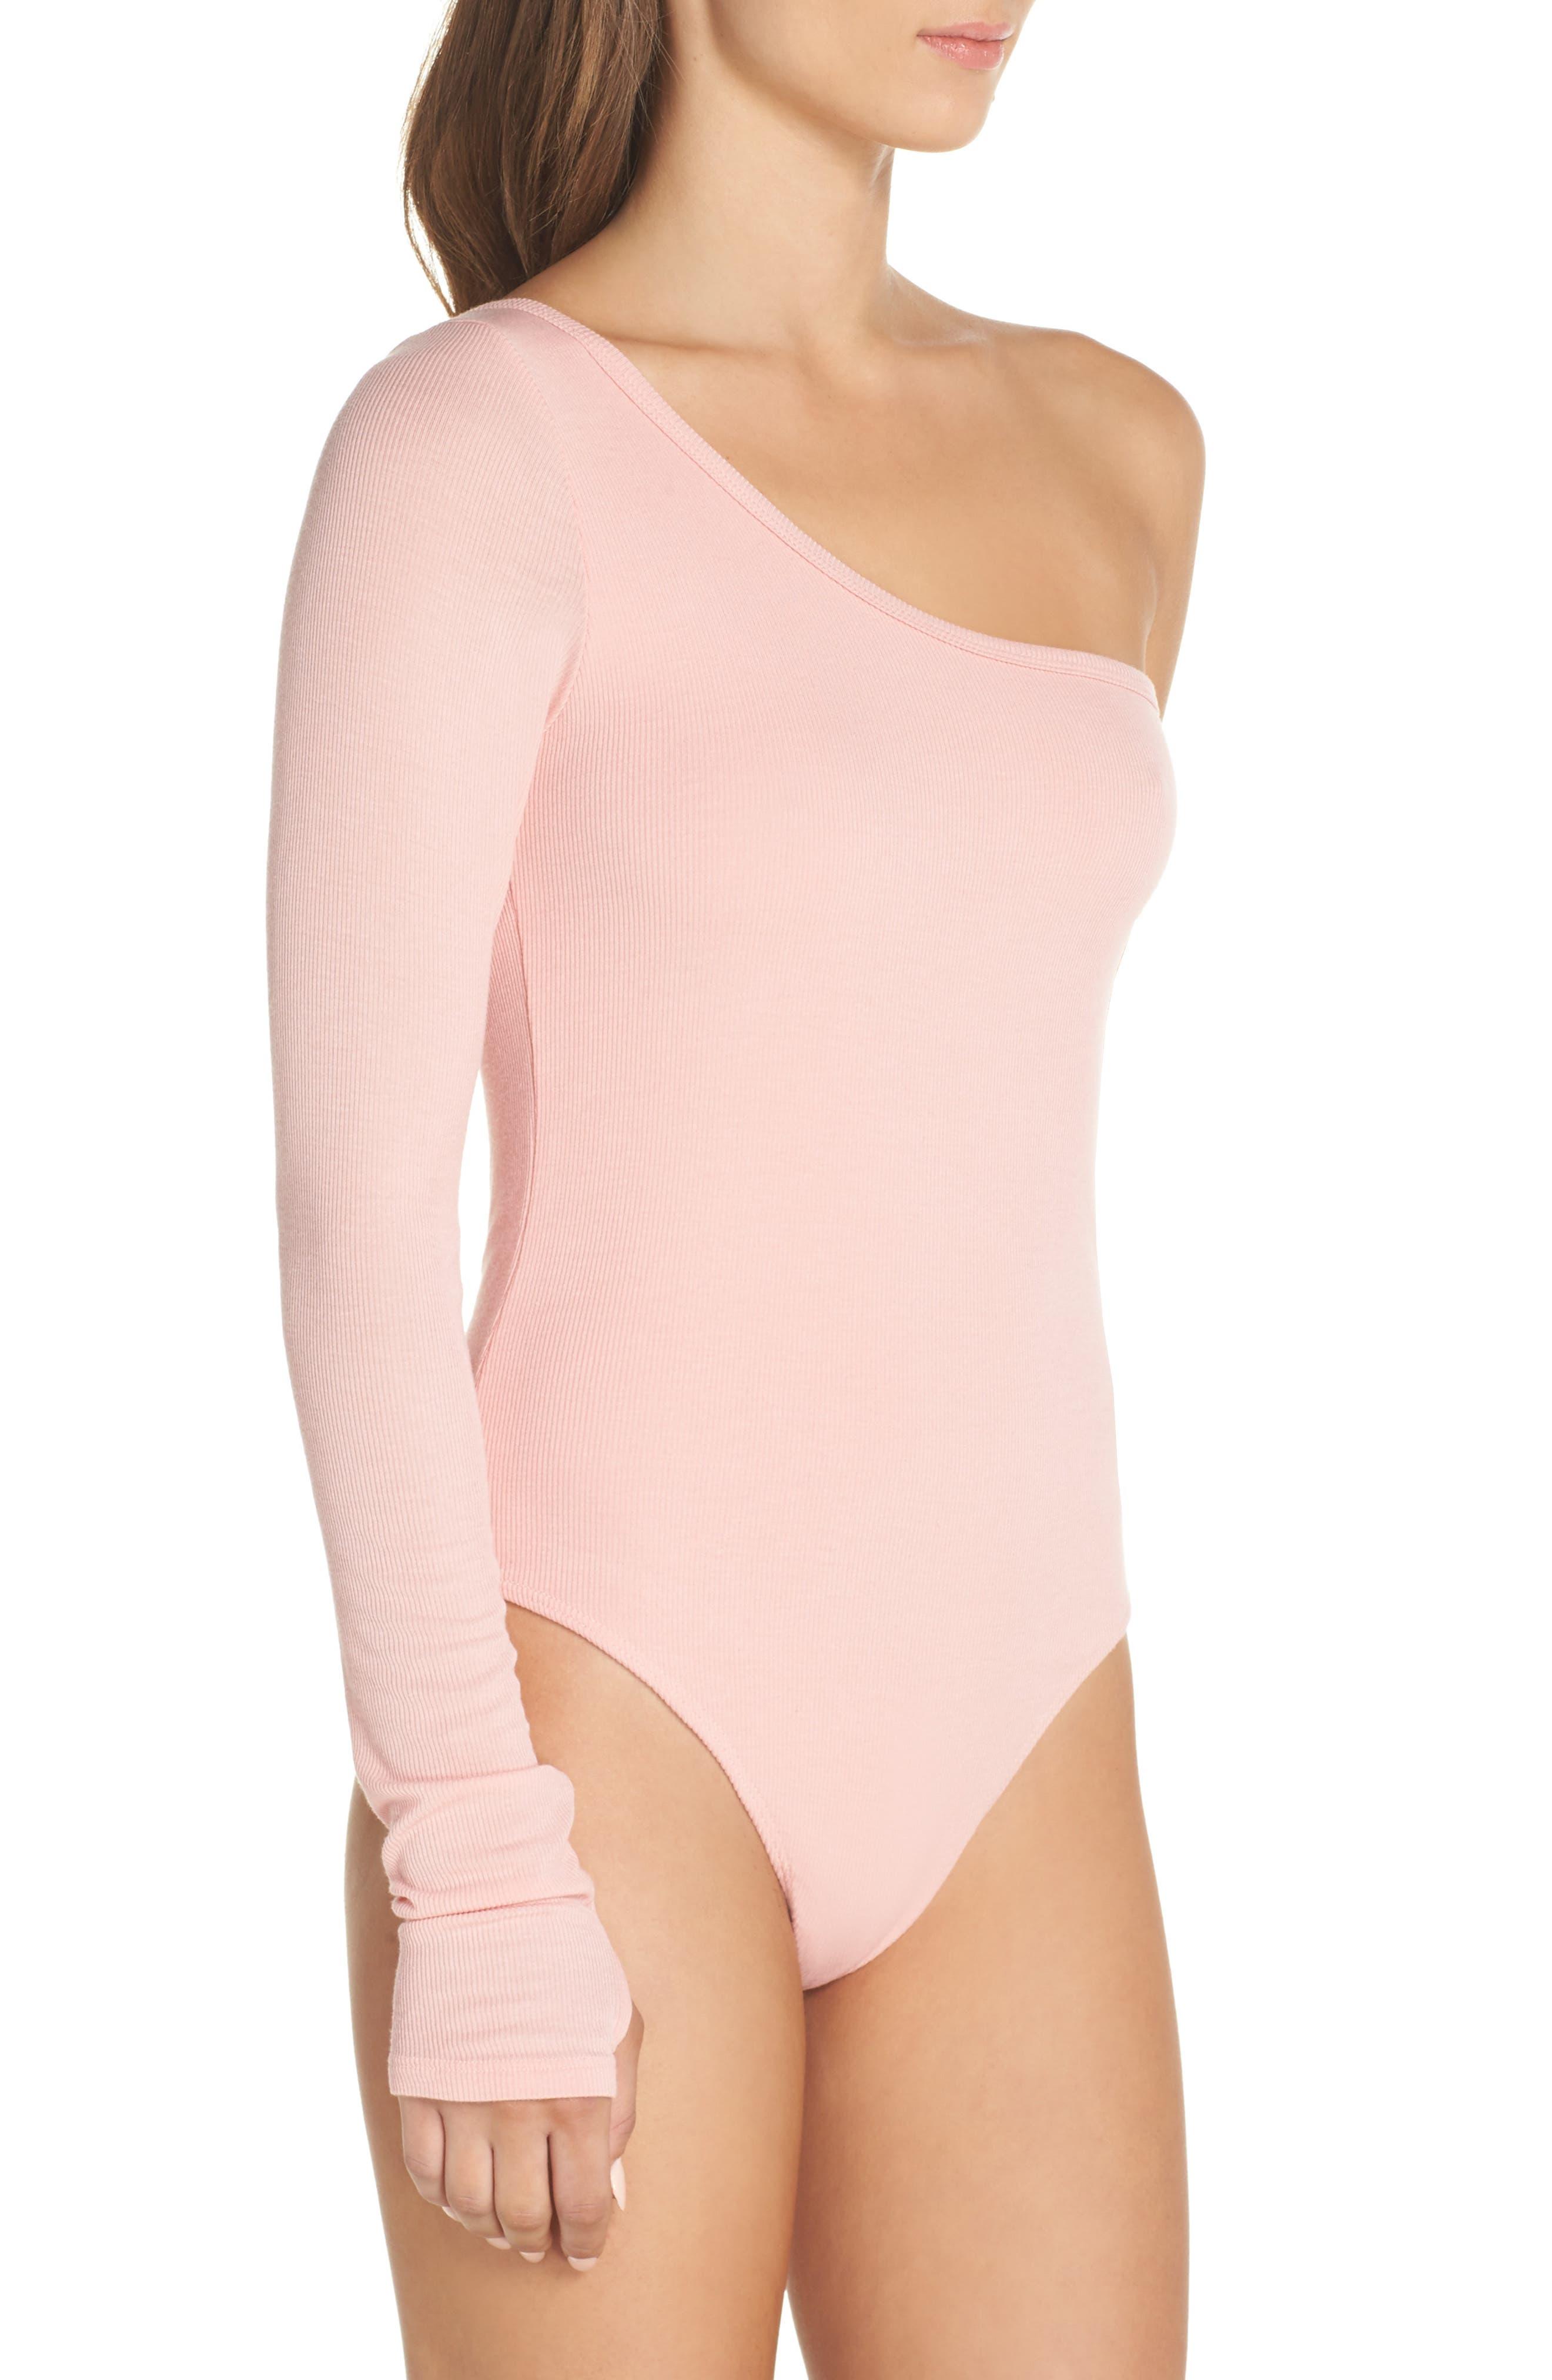 Alternate Image 3  - Olympia Theodora Sasha One-Shoulder Thong Bodysuit